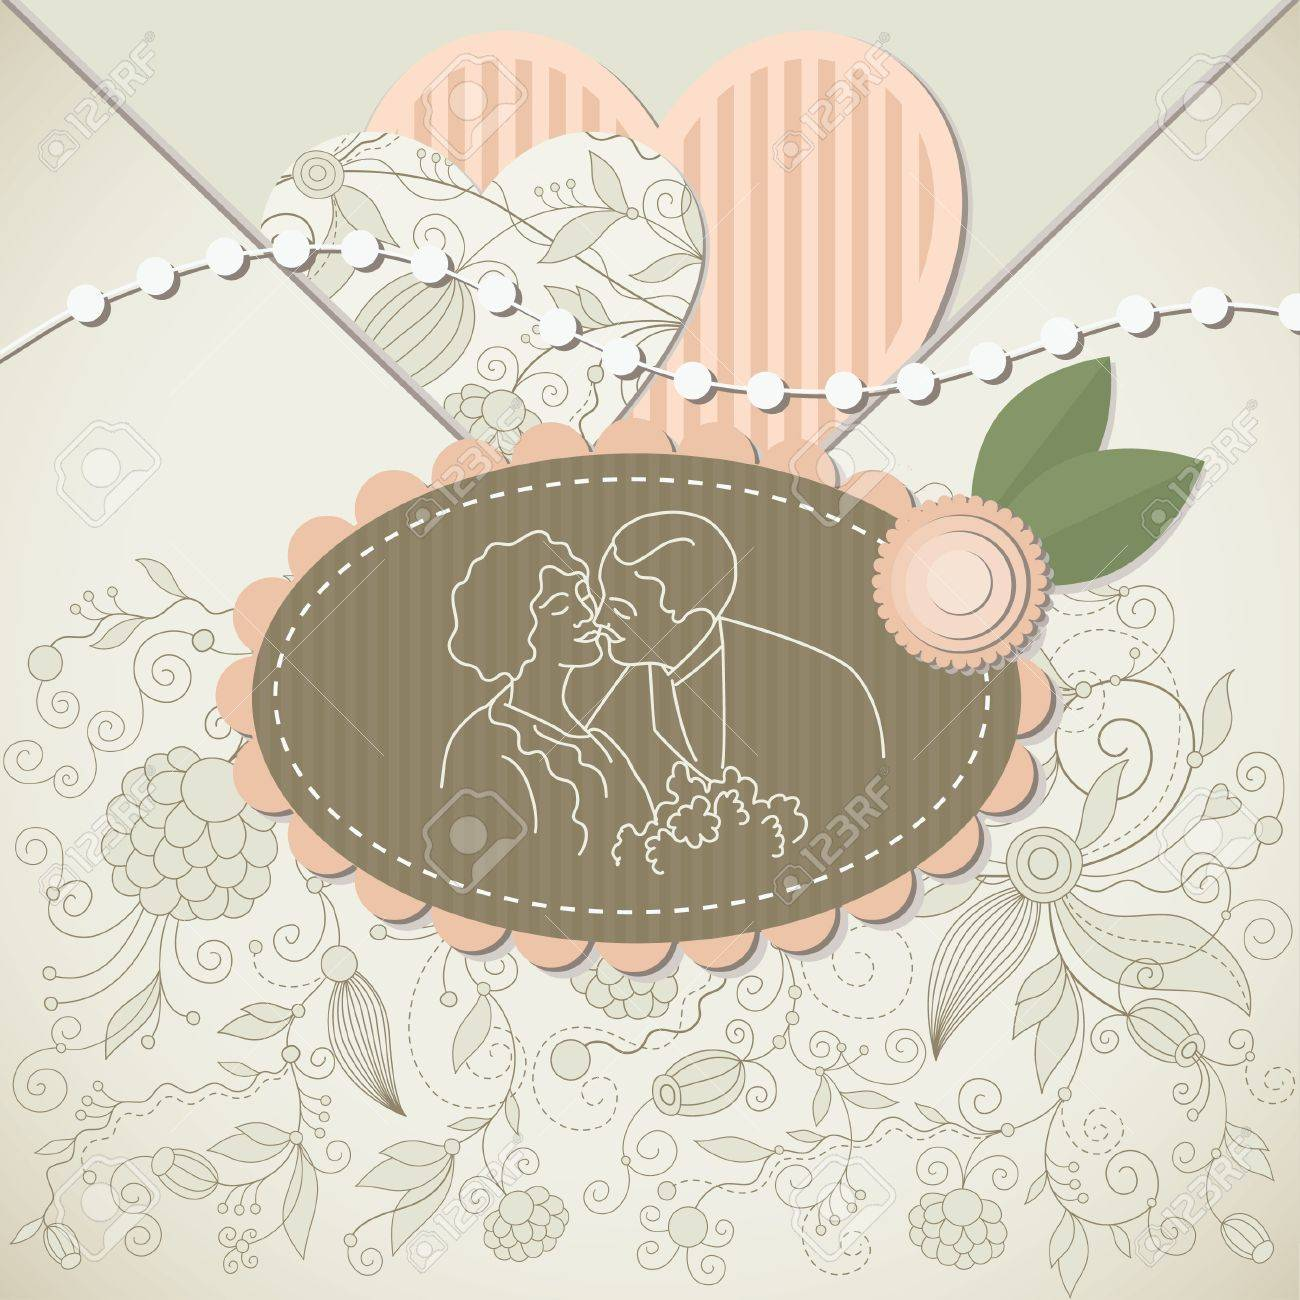 How to scrapbook wedding cards - Wedding Card Scrapbook Elements Stock Vector 10346795